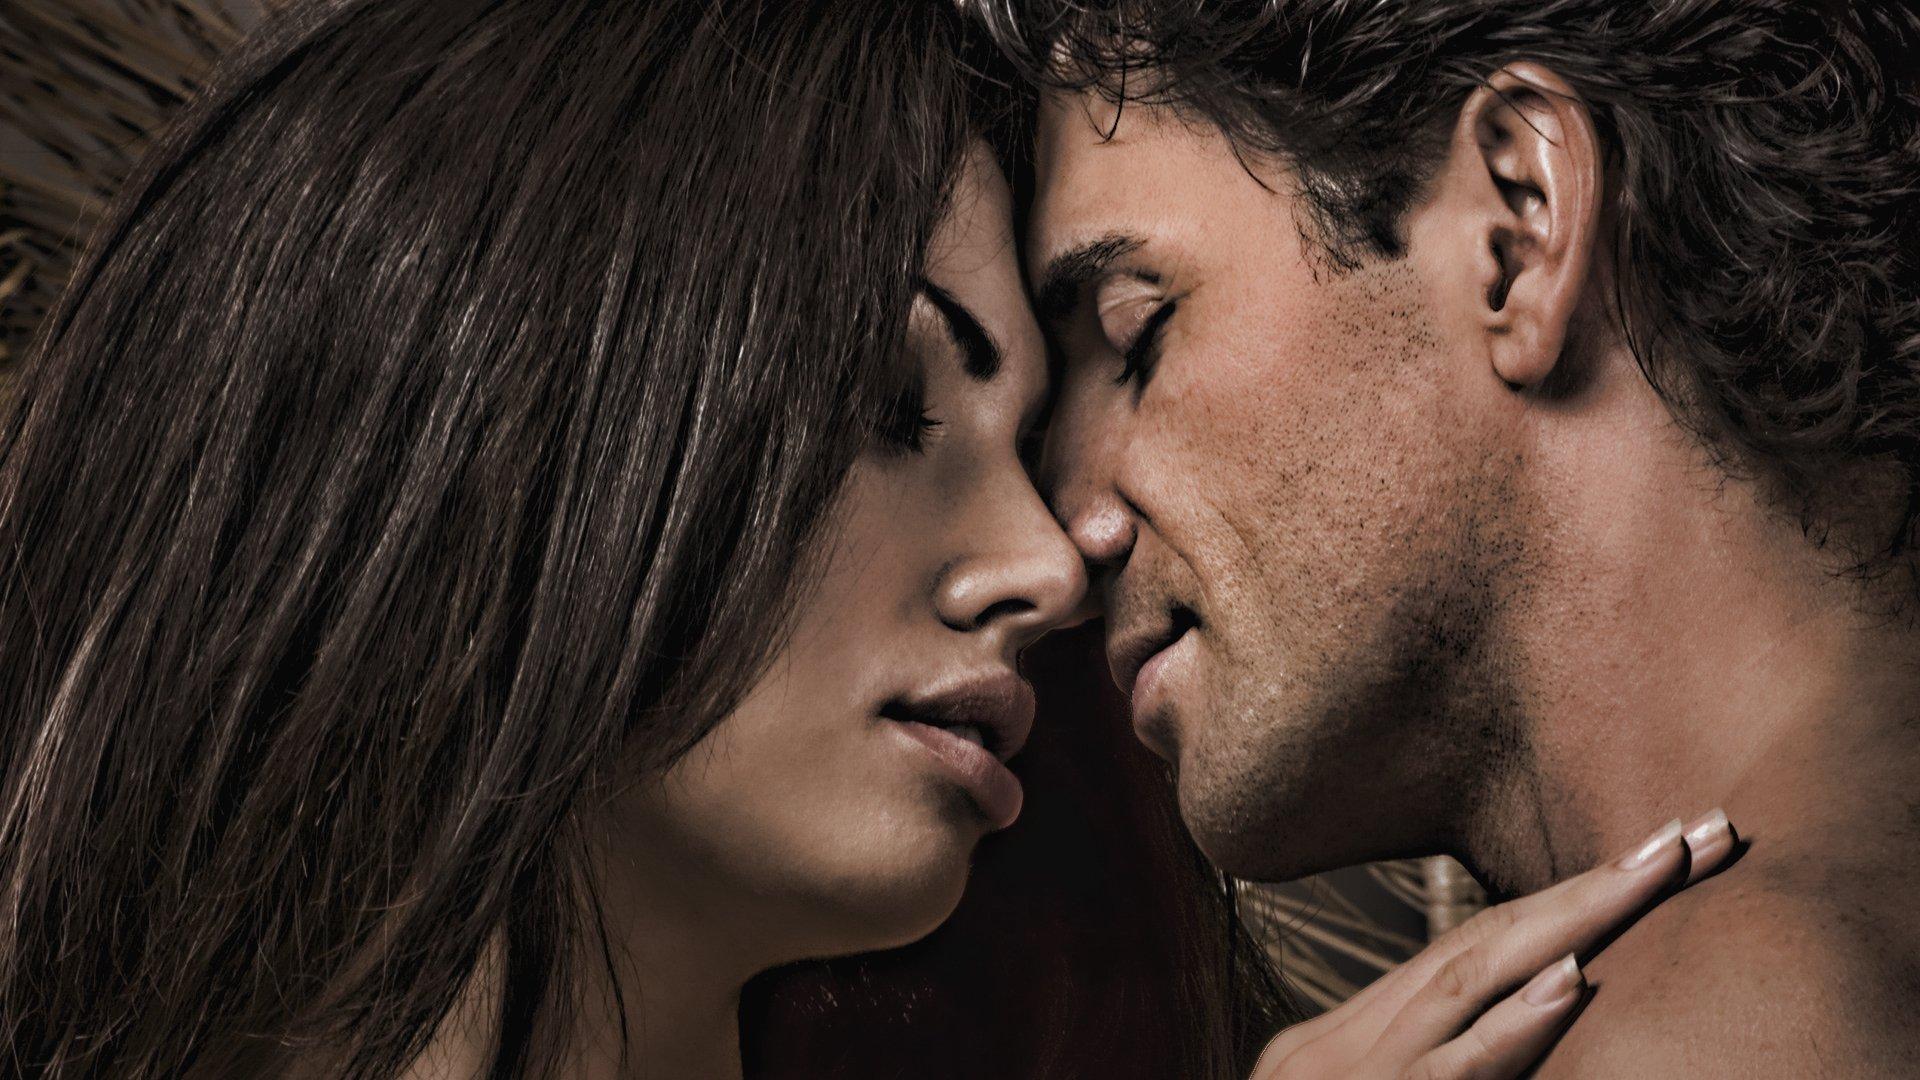 magiya-vernut-lyubov-i-molodost-krasotu-seksualnost